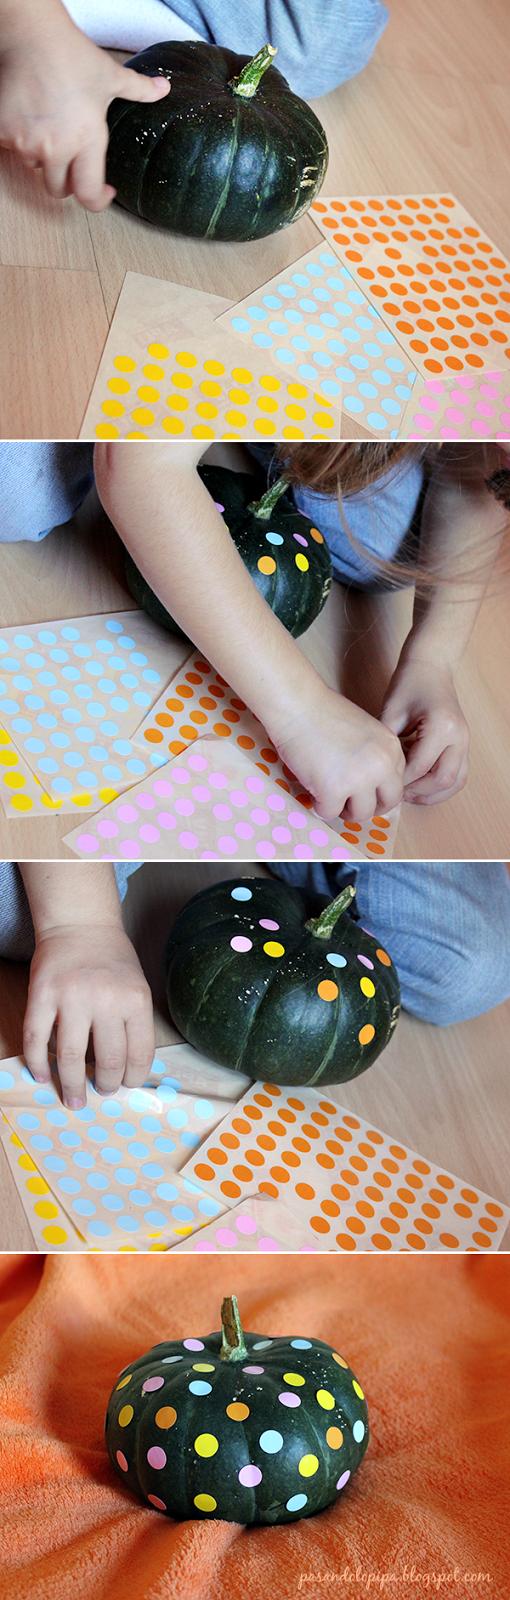 pasandolopipa   decorar calabaza con niños